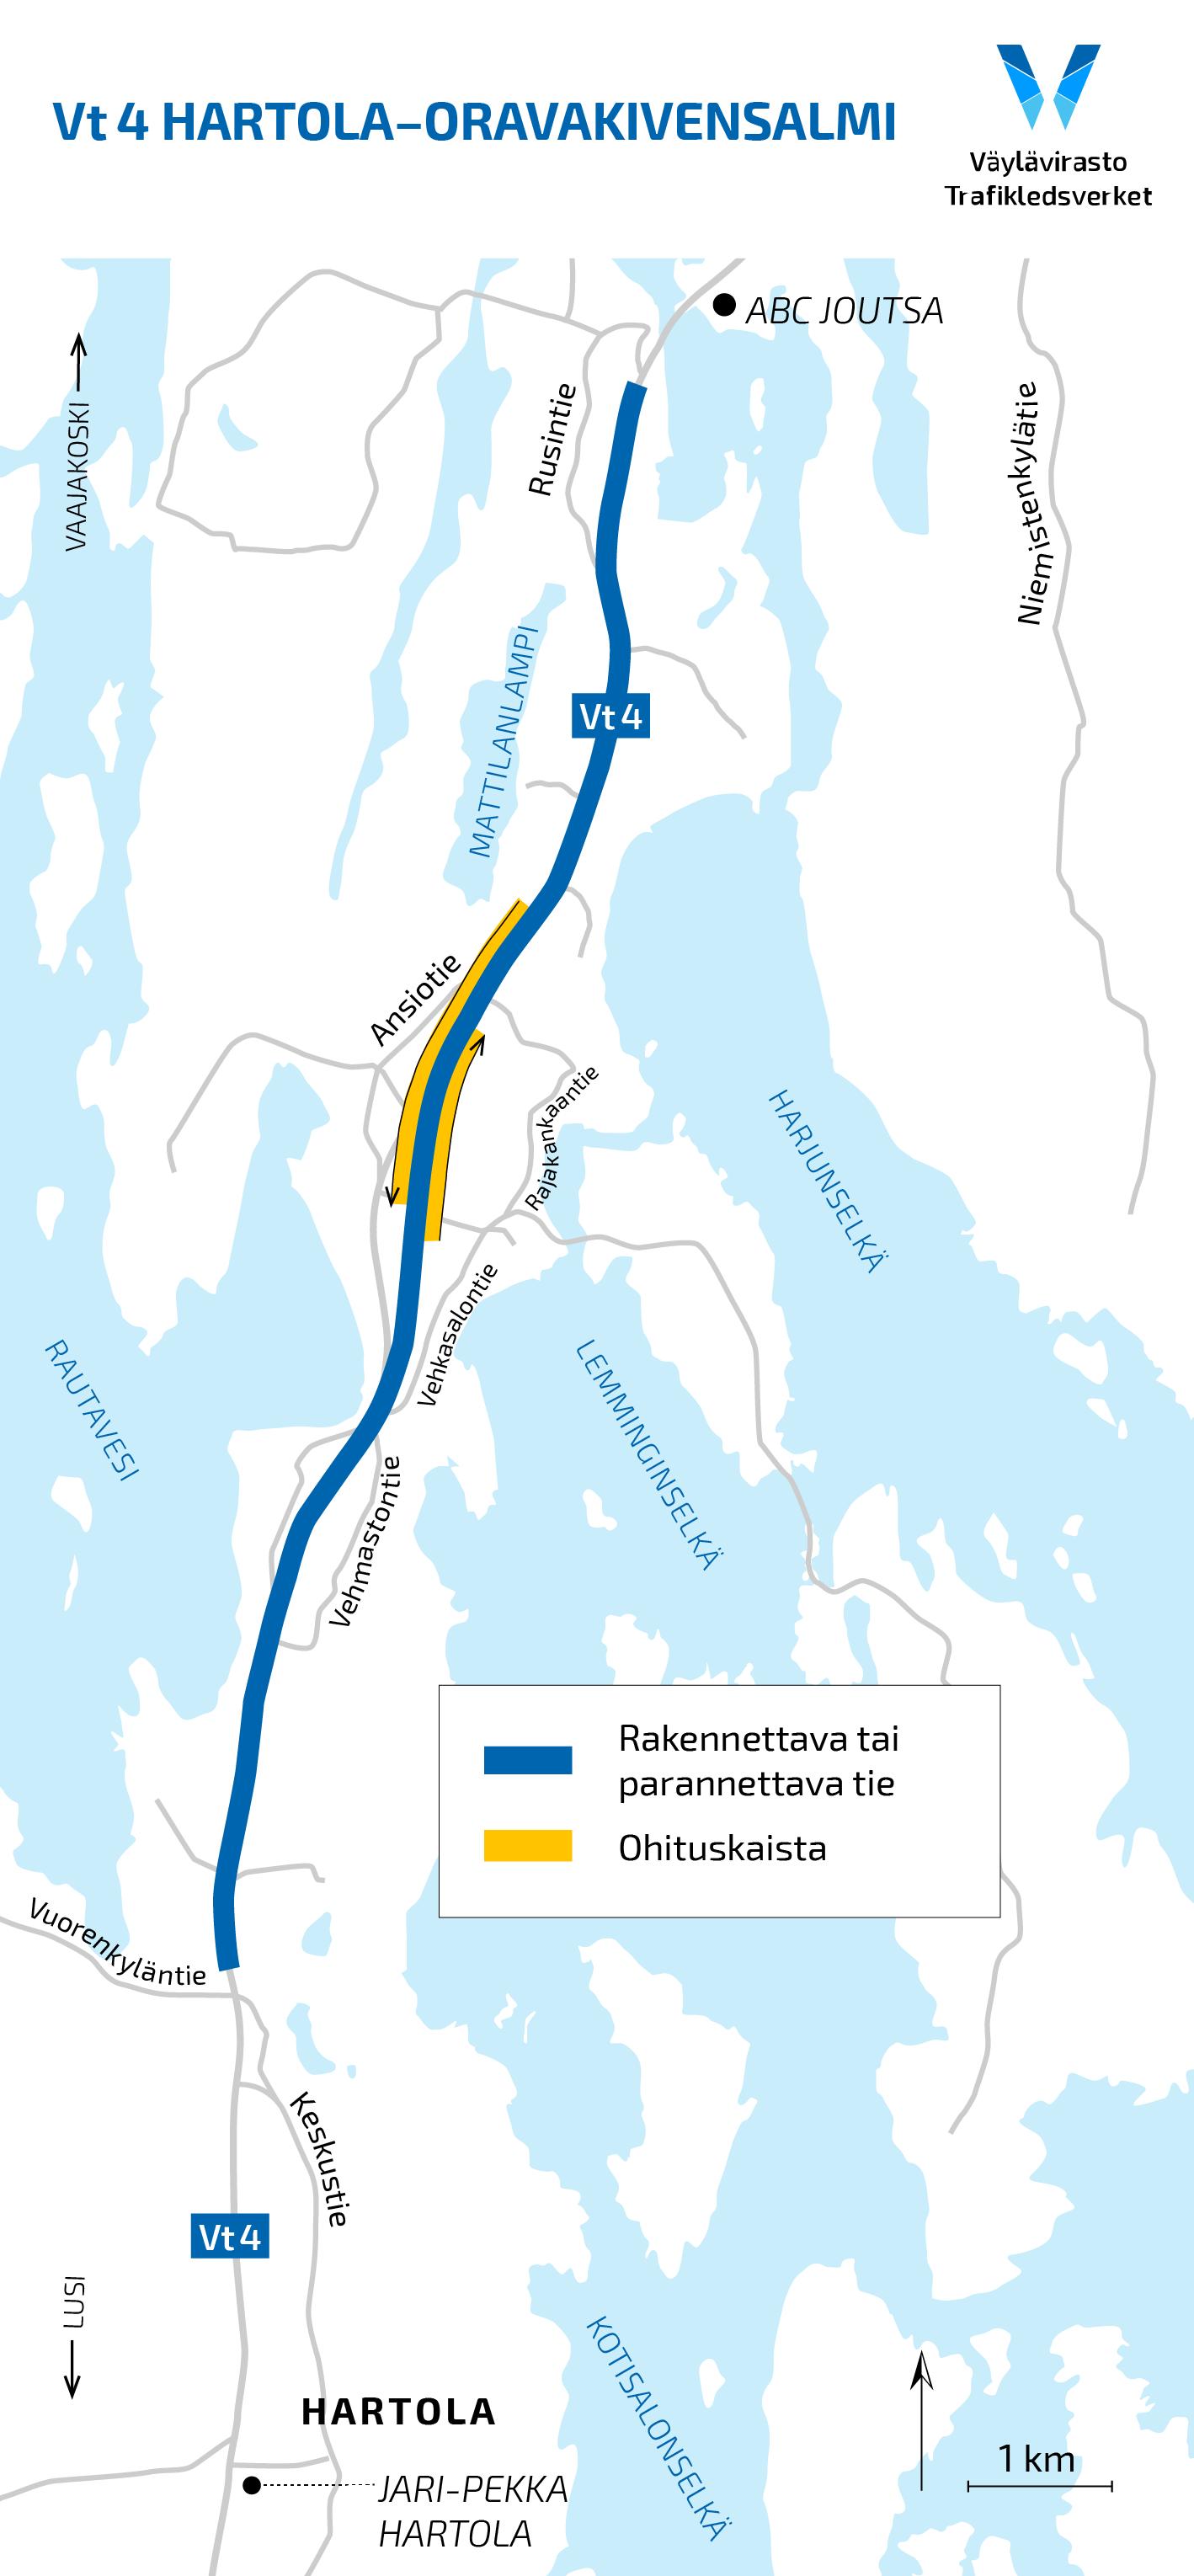 Karttapiirros rakennettavasta ja parannettavasta tieosuudesta valtatiellä 4.